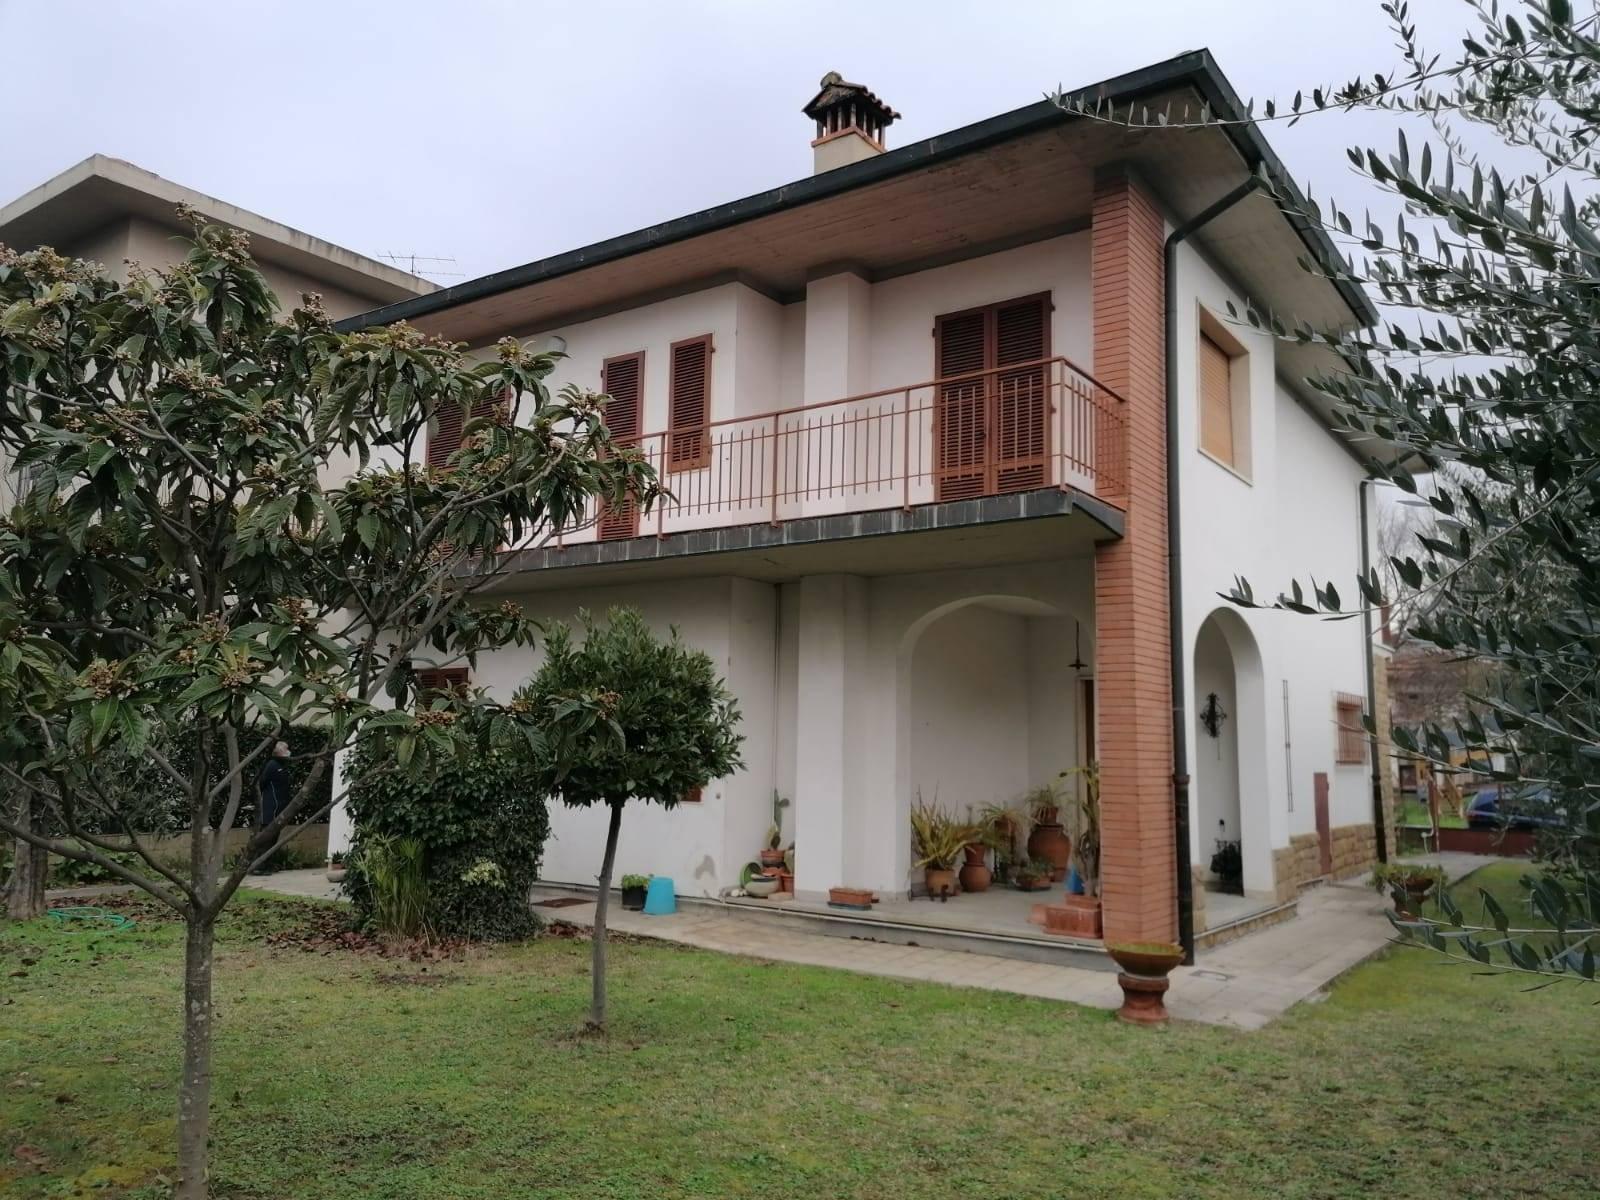 Villa in Vendita a Campi bisenzio zona  - immagine 1